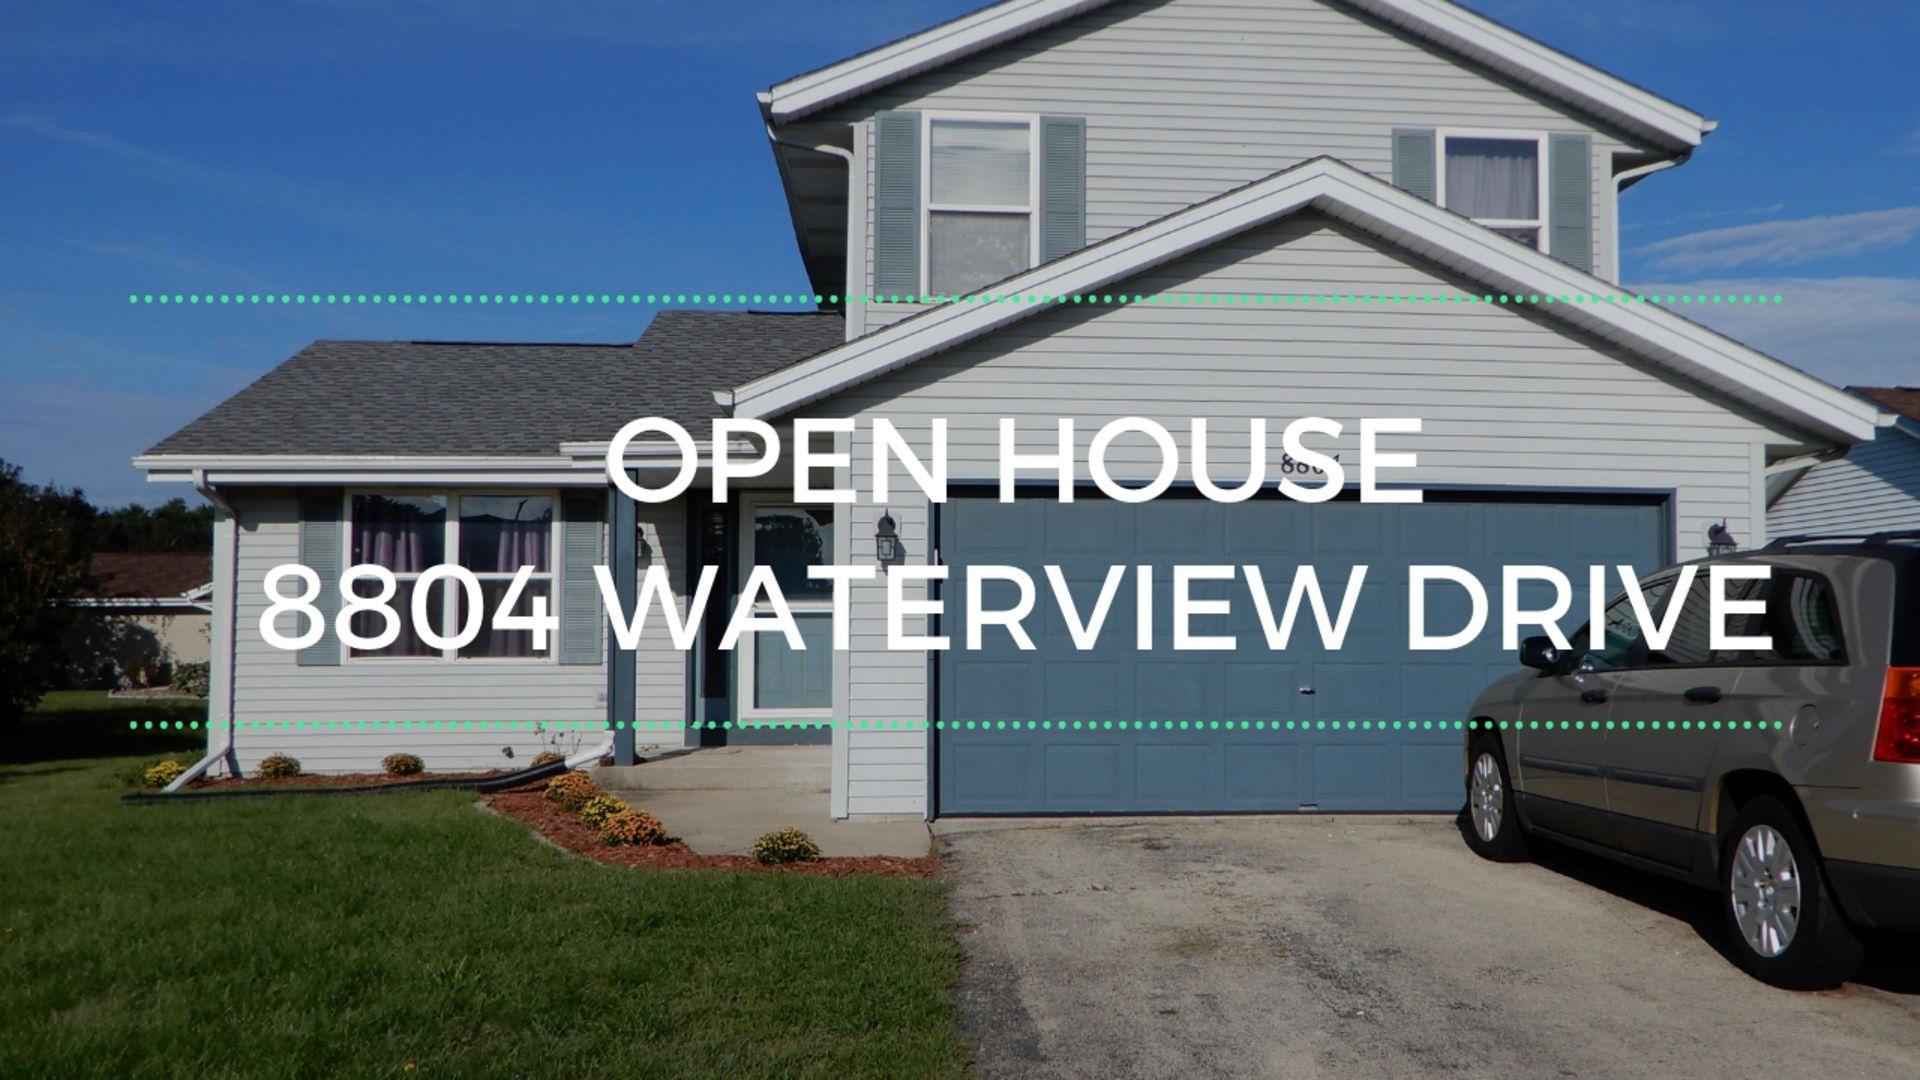 Open House: September 16th